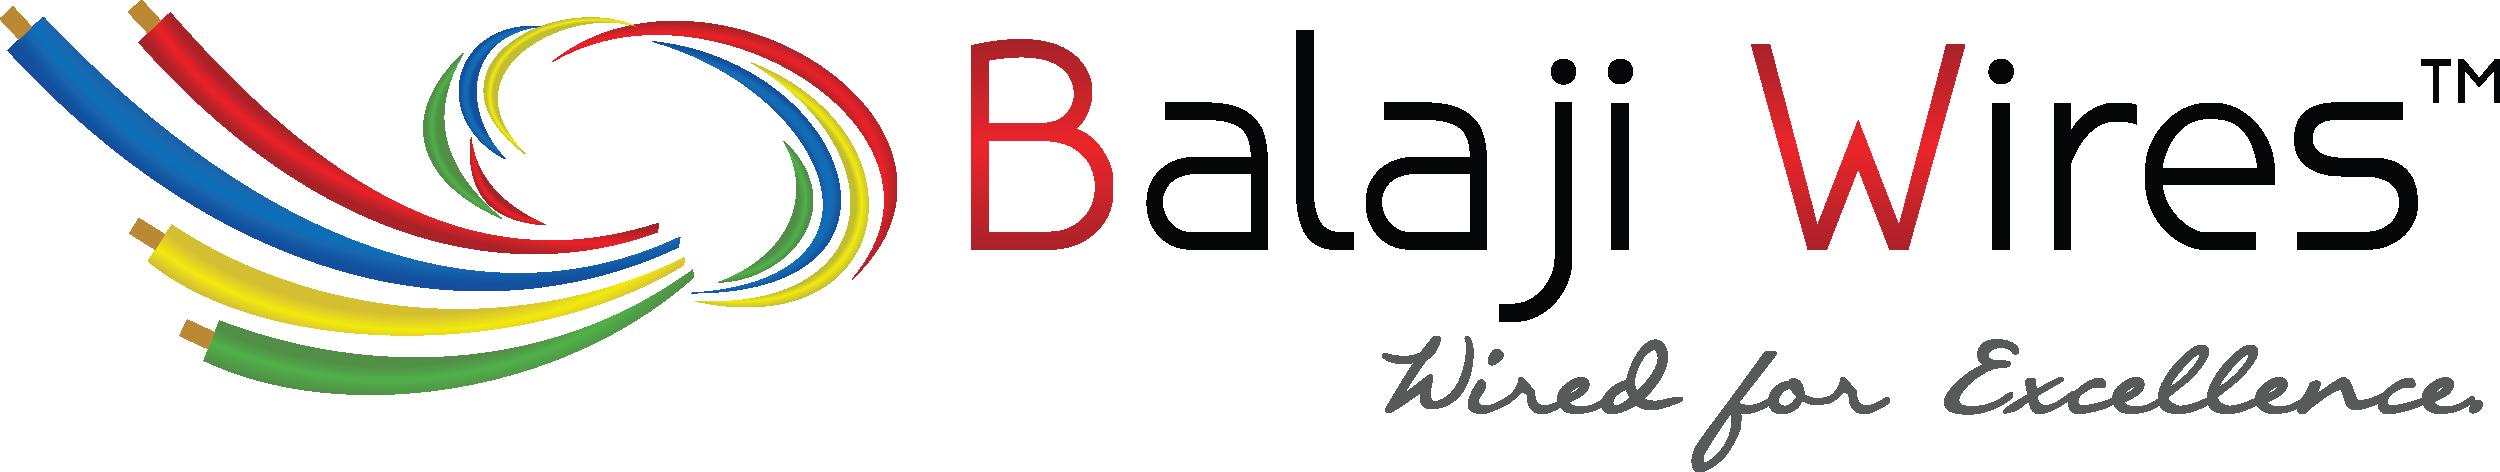 DIN 72551 | Balaji Wires